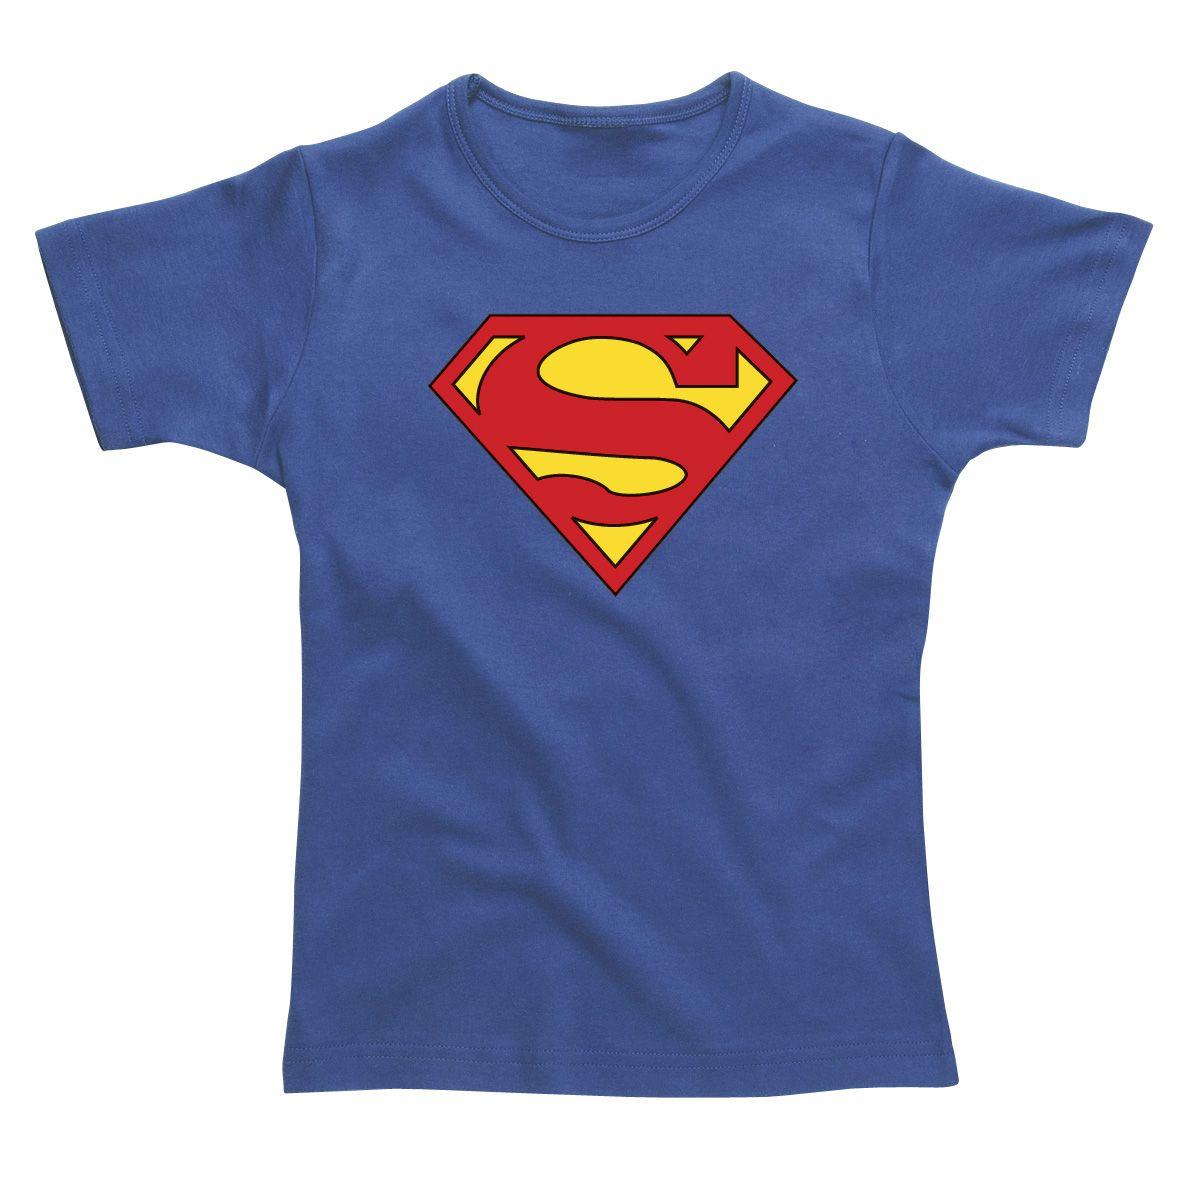 Girl With Superman Shirt Hot Girls Wallpaper